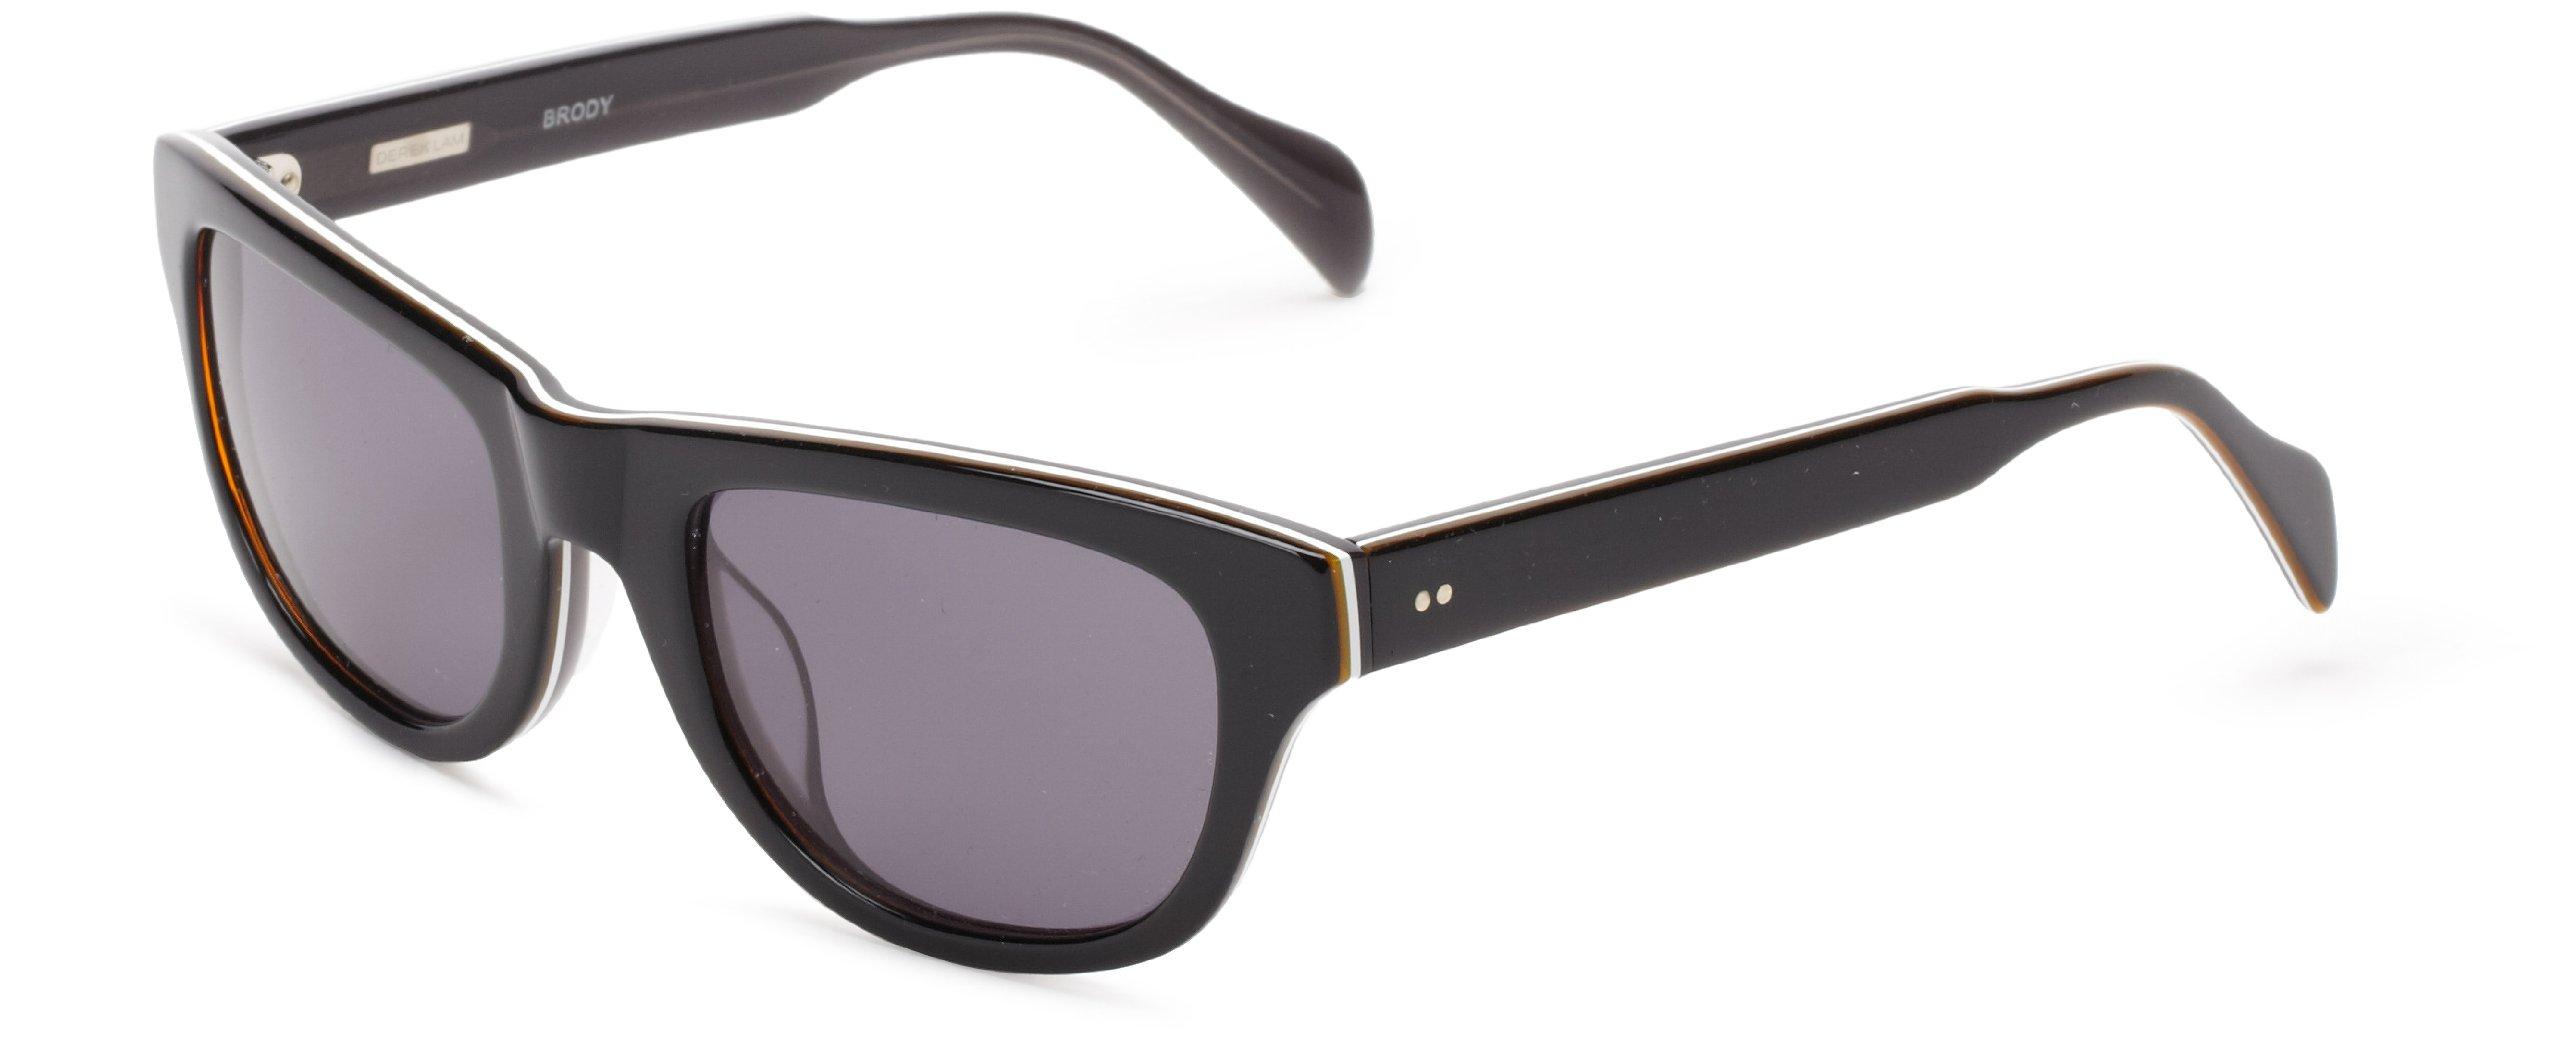 Derek Lam Brody Wrap Sunglasses, Black, 51 mm by Derek Lam